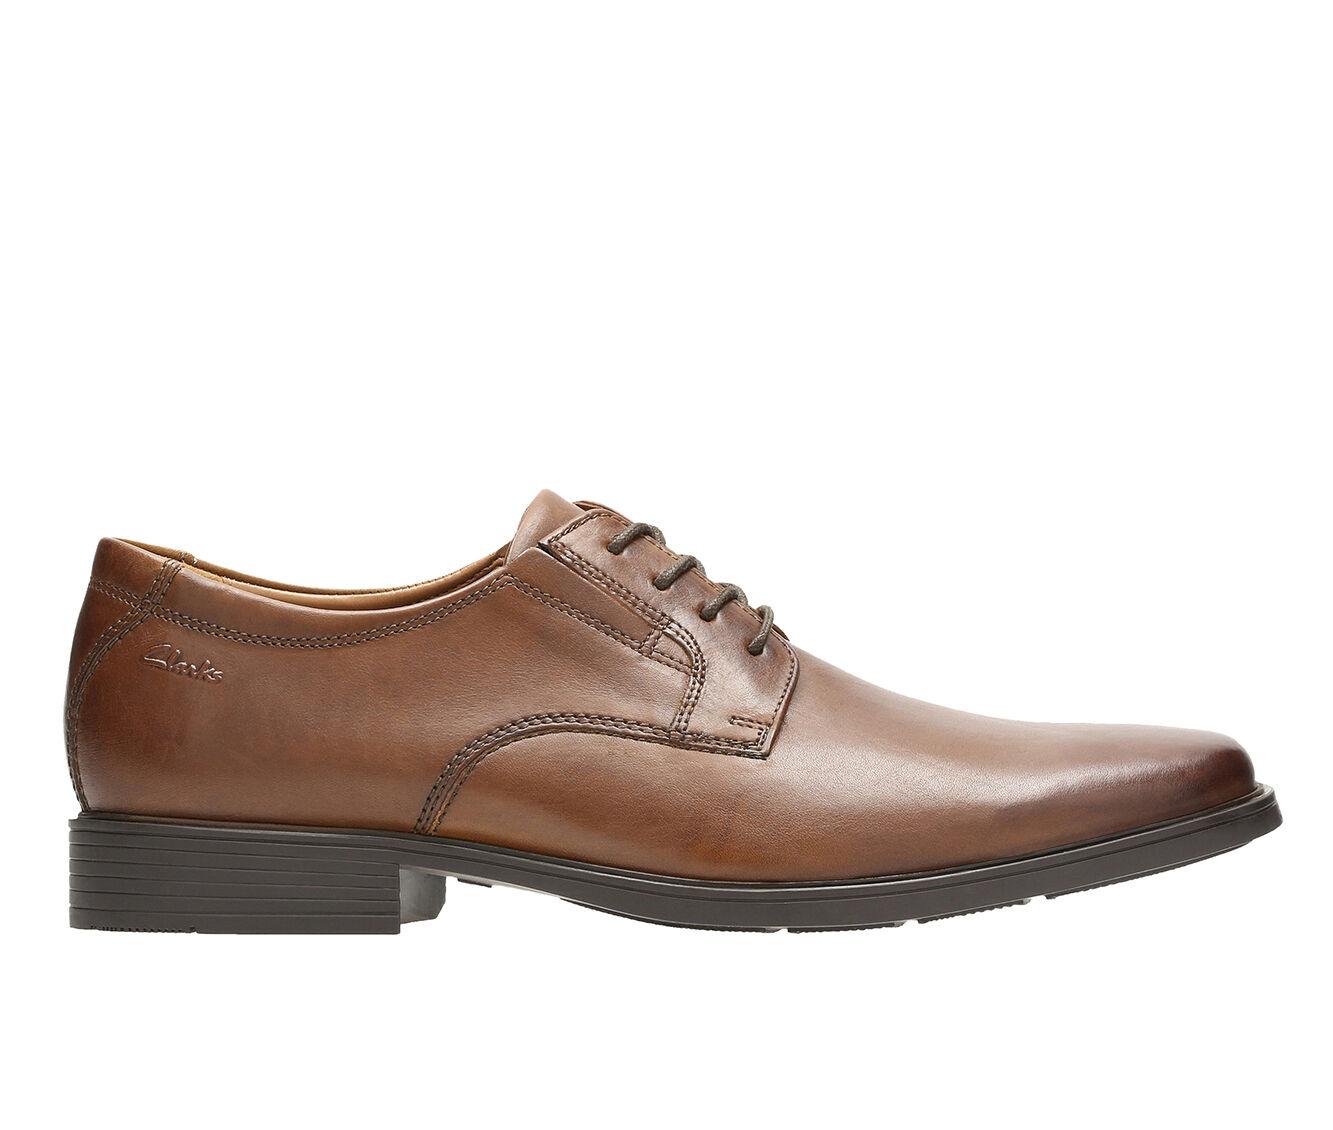 Men's Clarks Tilden Plain Toe Dress Shoes Dark Tan